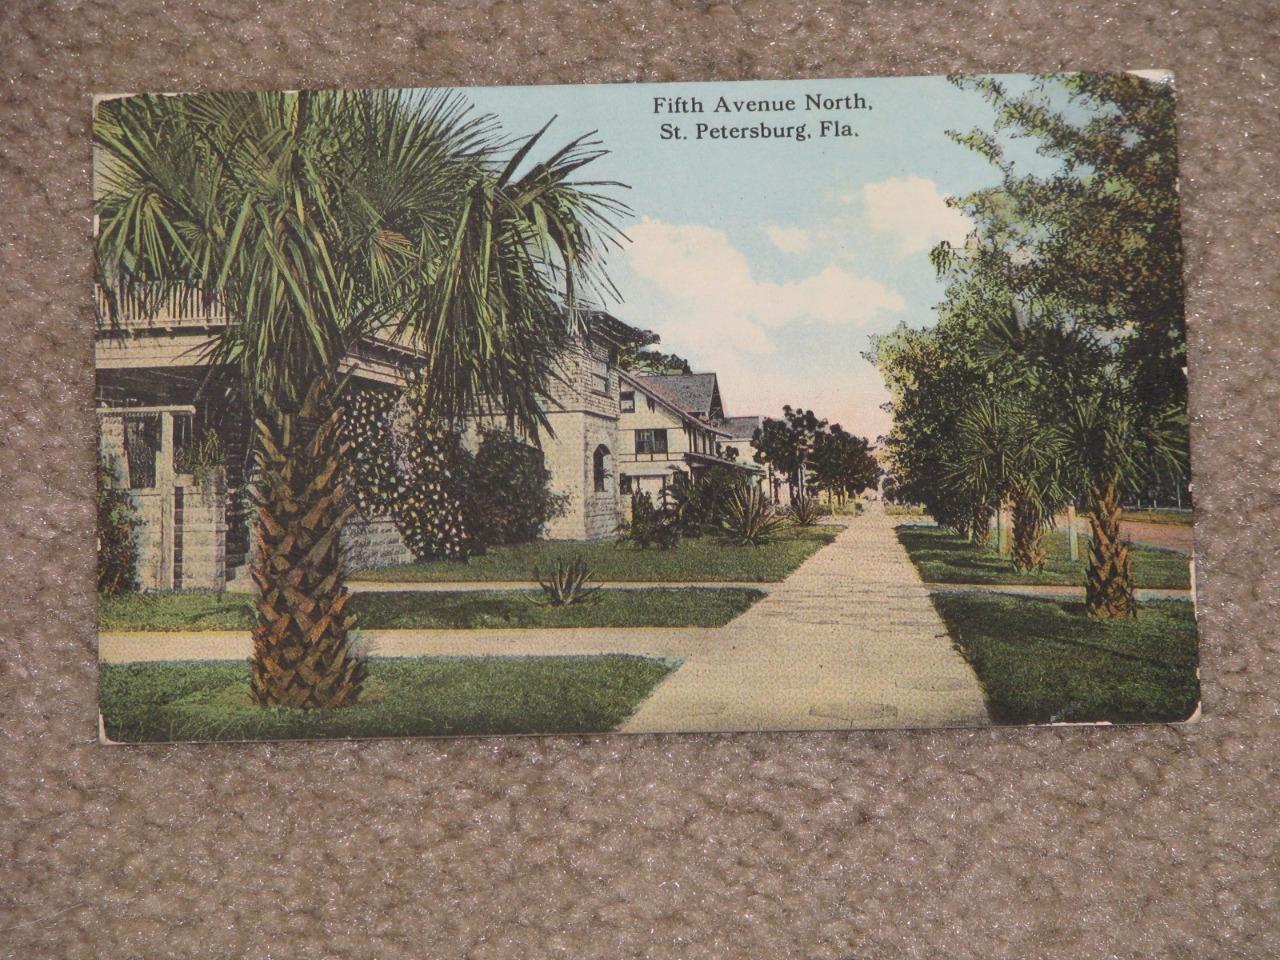 Fifth Avenue North, St. Petersburg, Fla., used vintage card